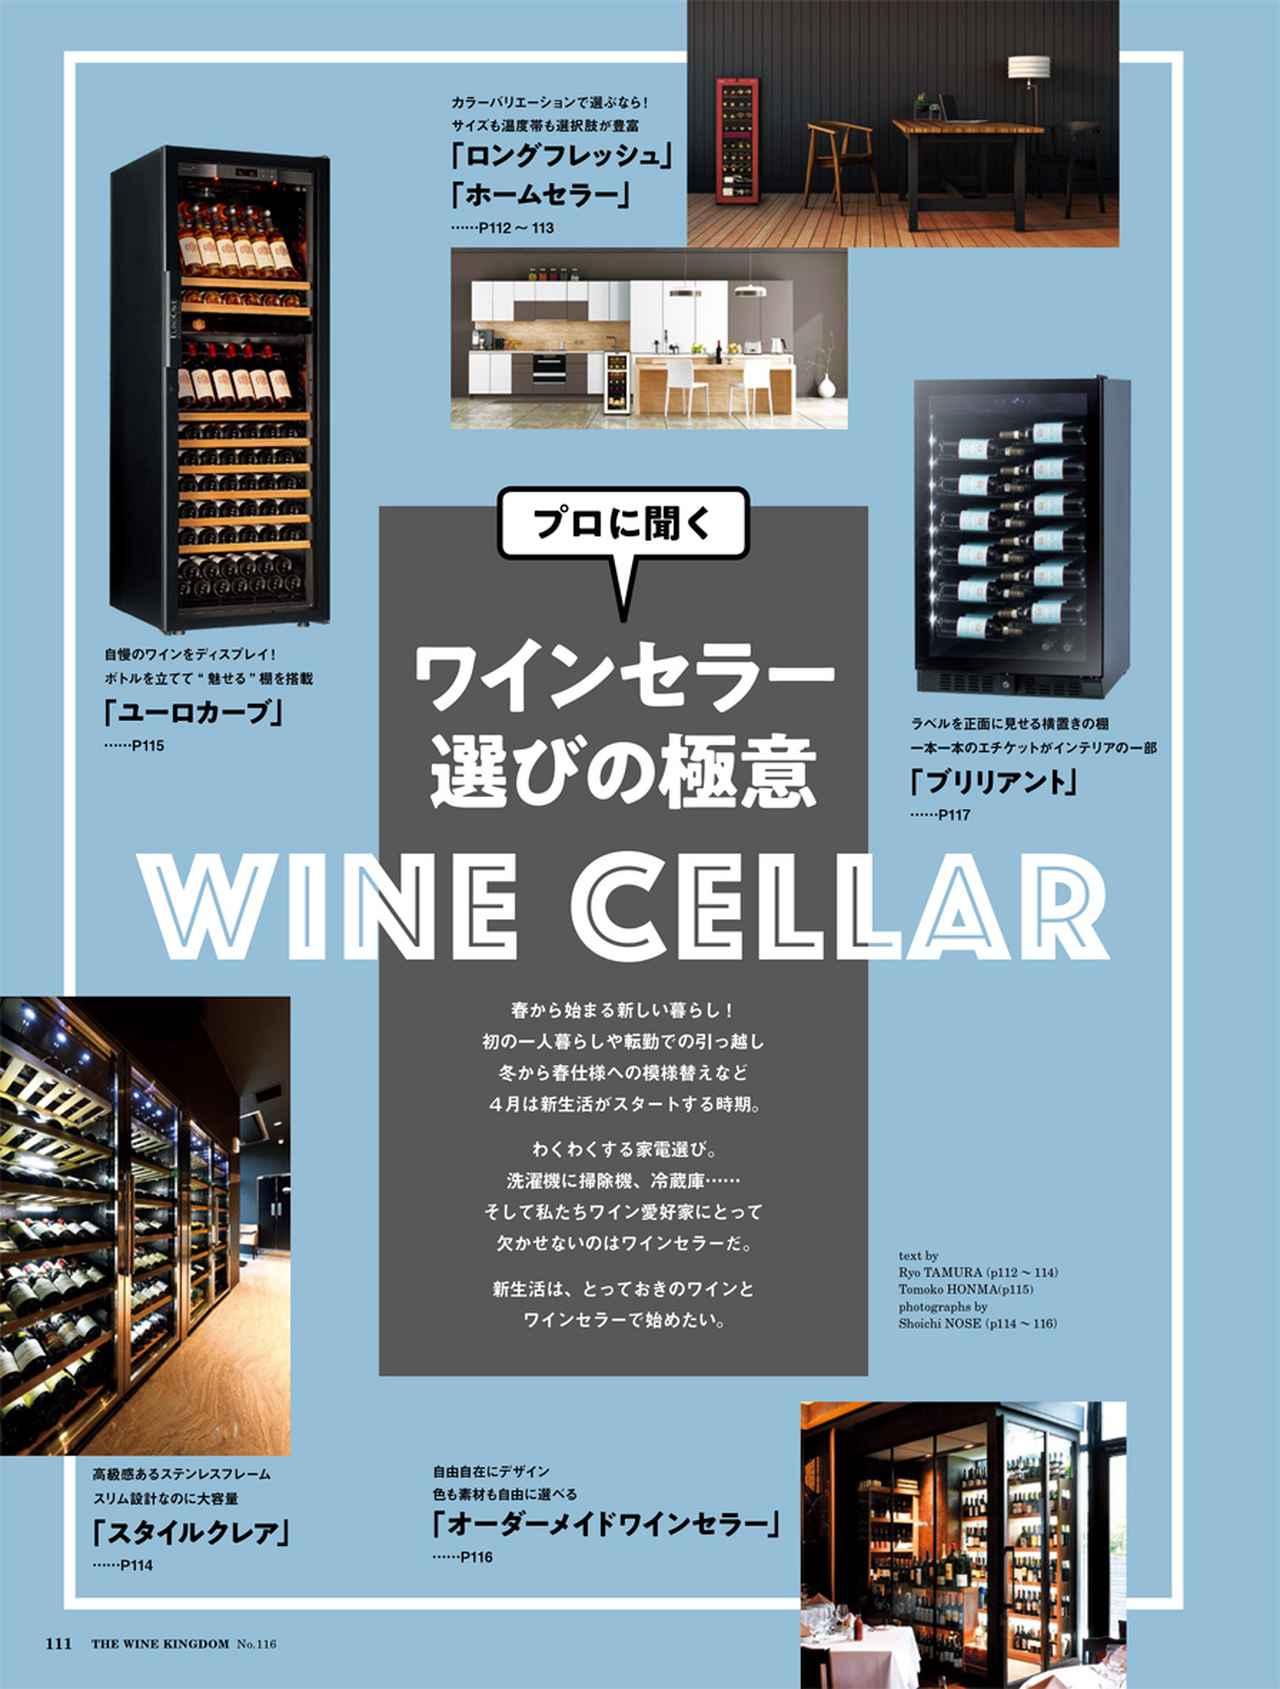 画像4: 『ワイン王国116号』買って後悔しないボルドー格付けワインを紹介!!